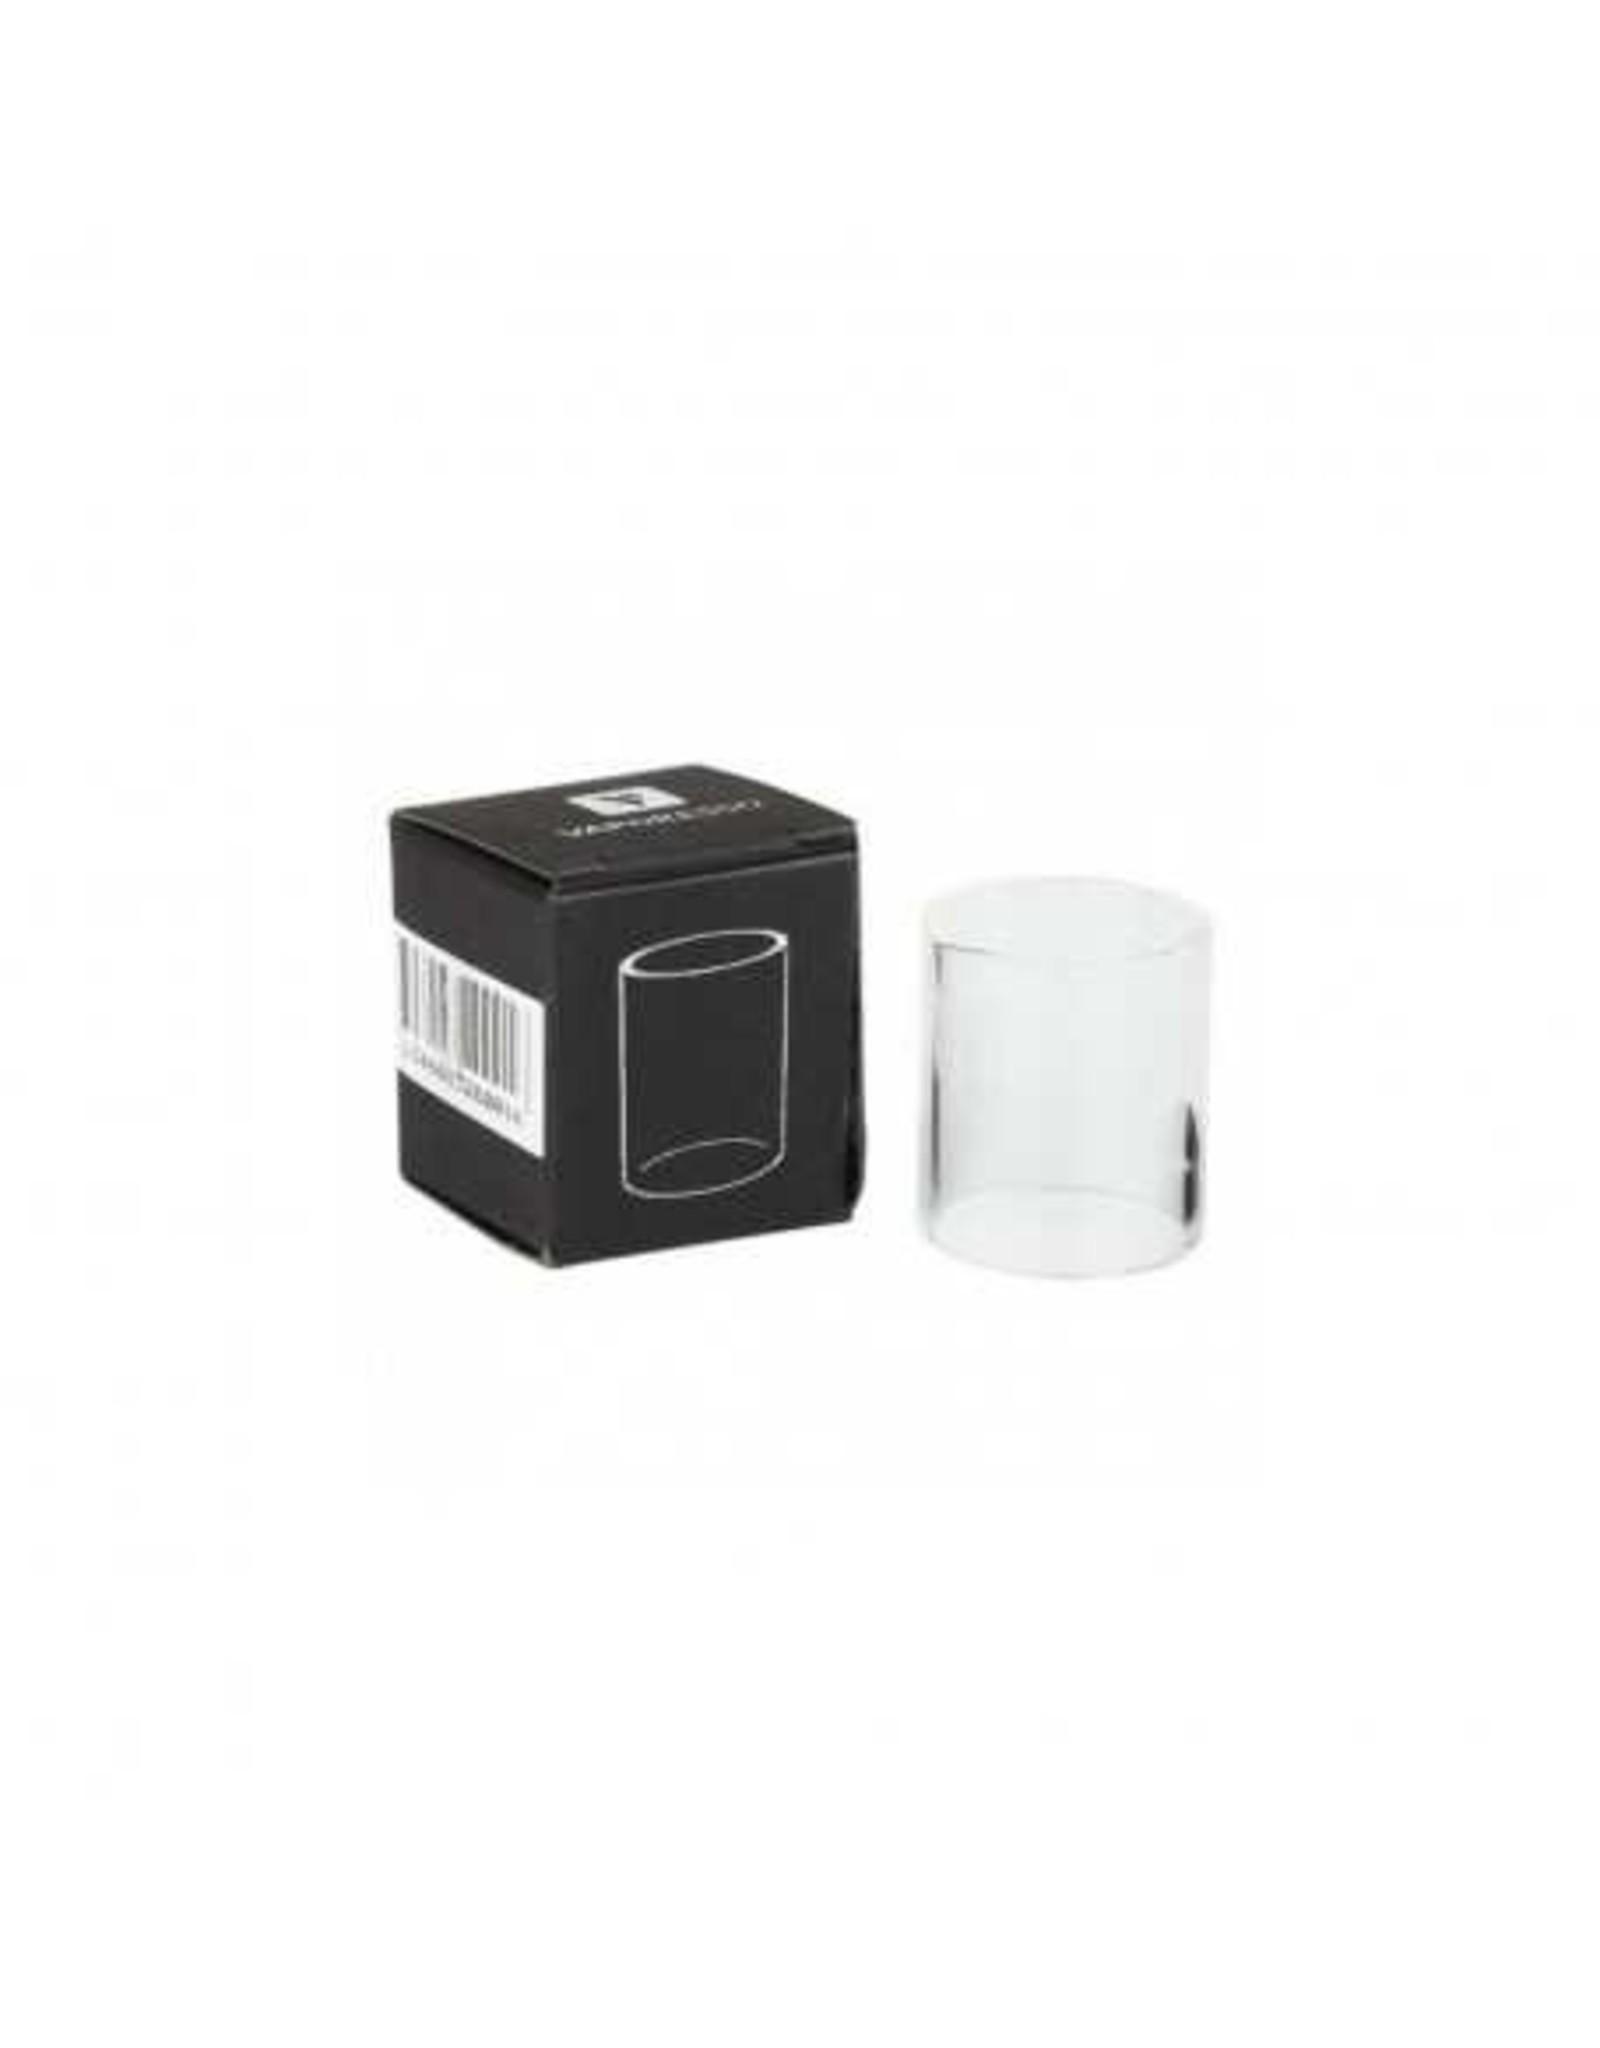 Vaporesso Vaporesso NRG Replacement Glass (5mL)